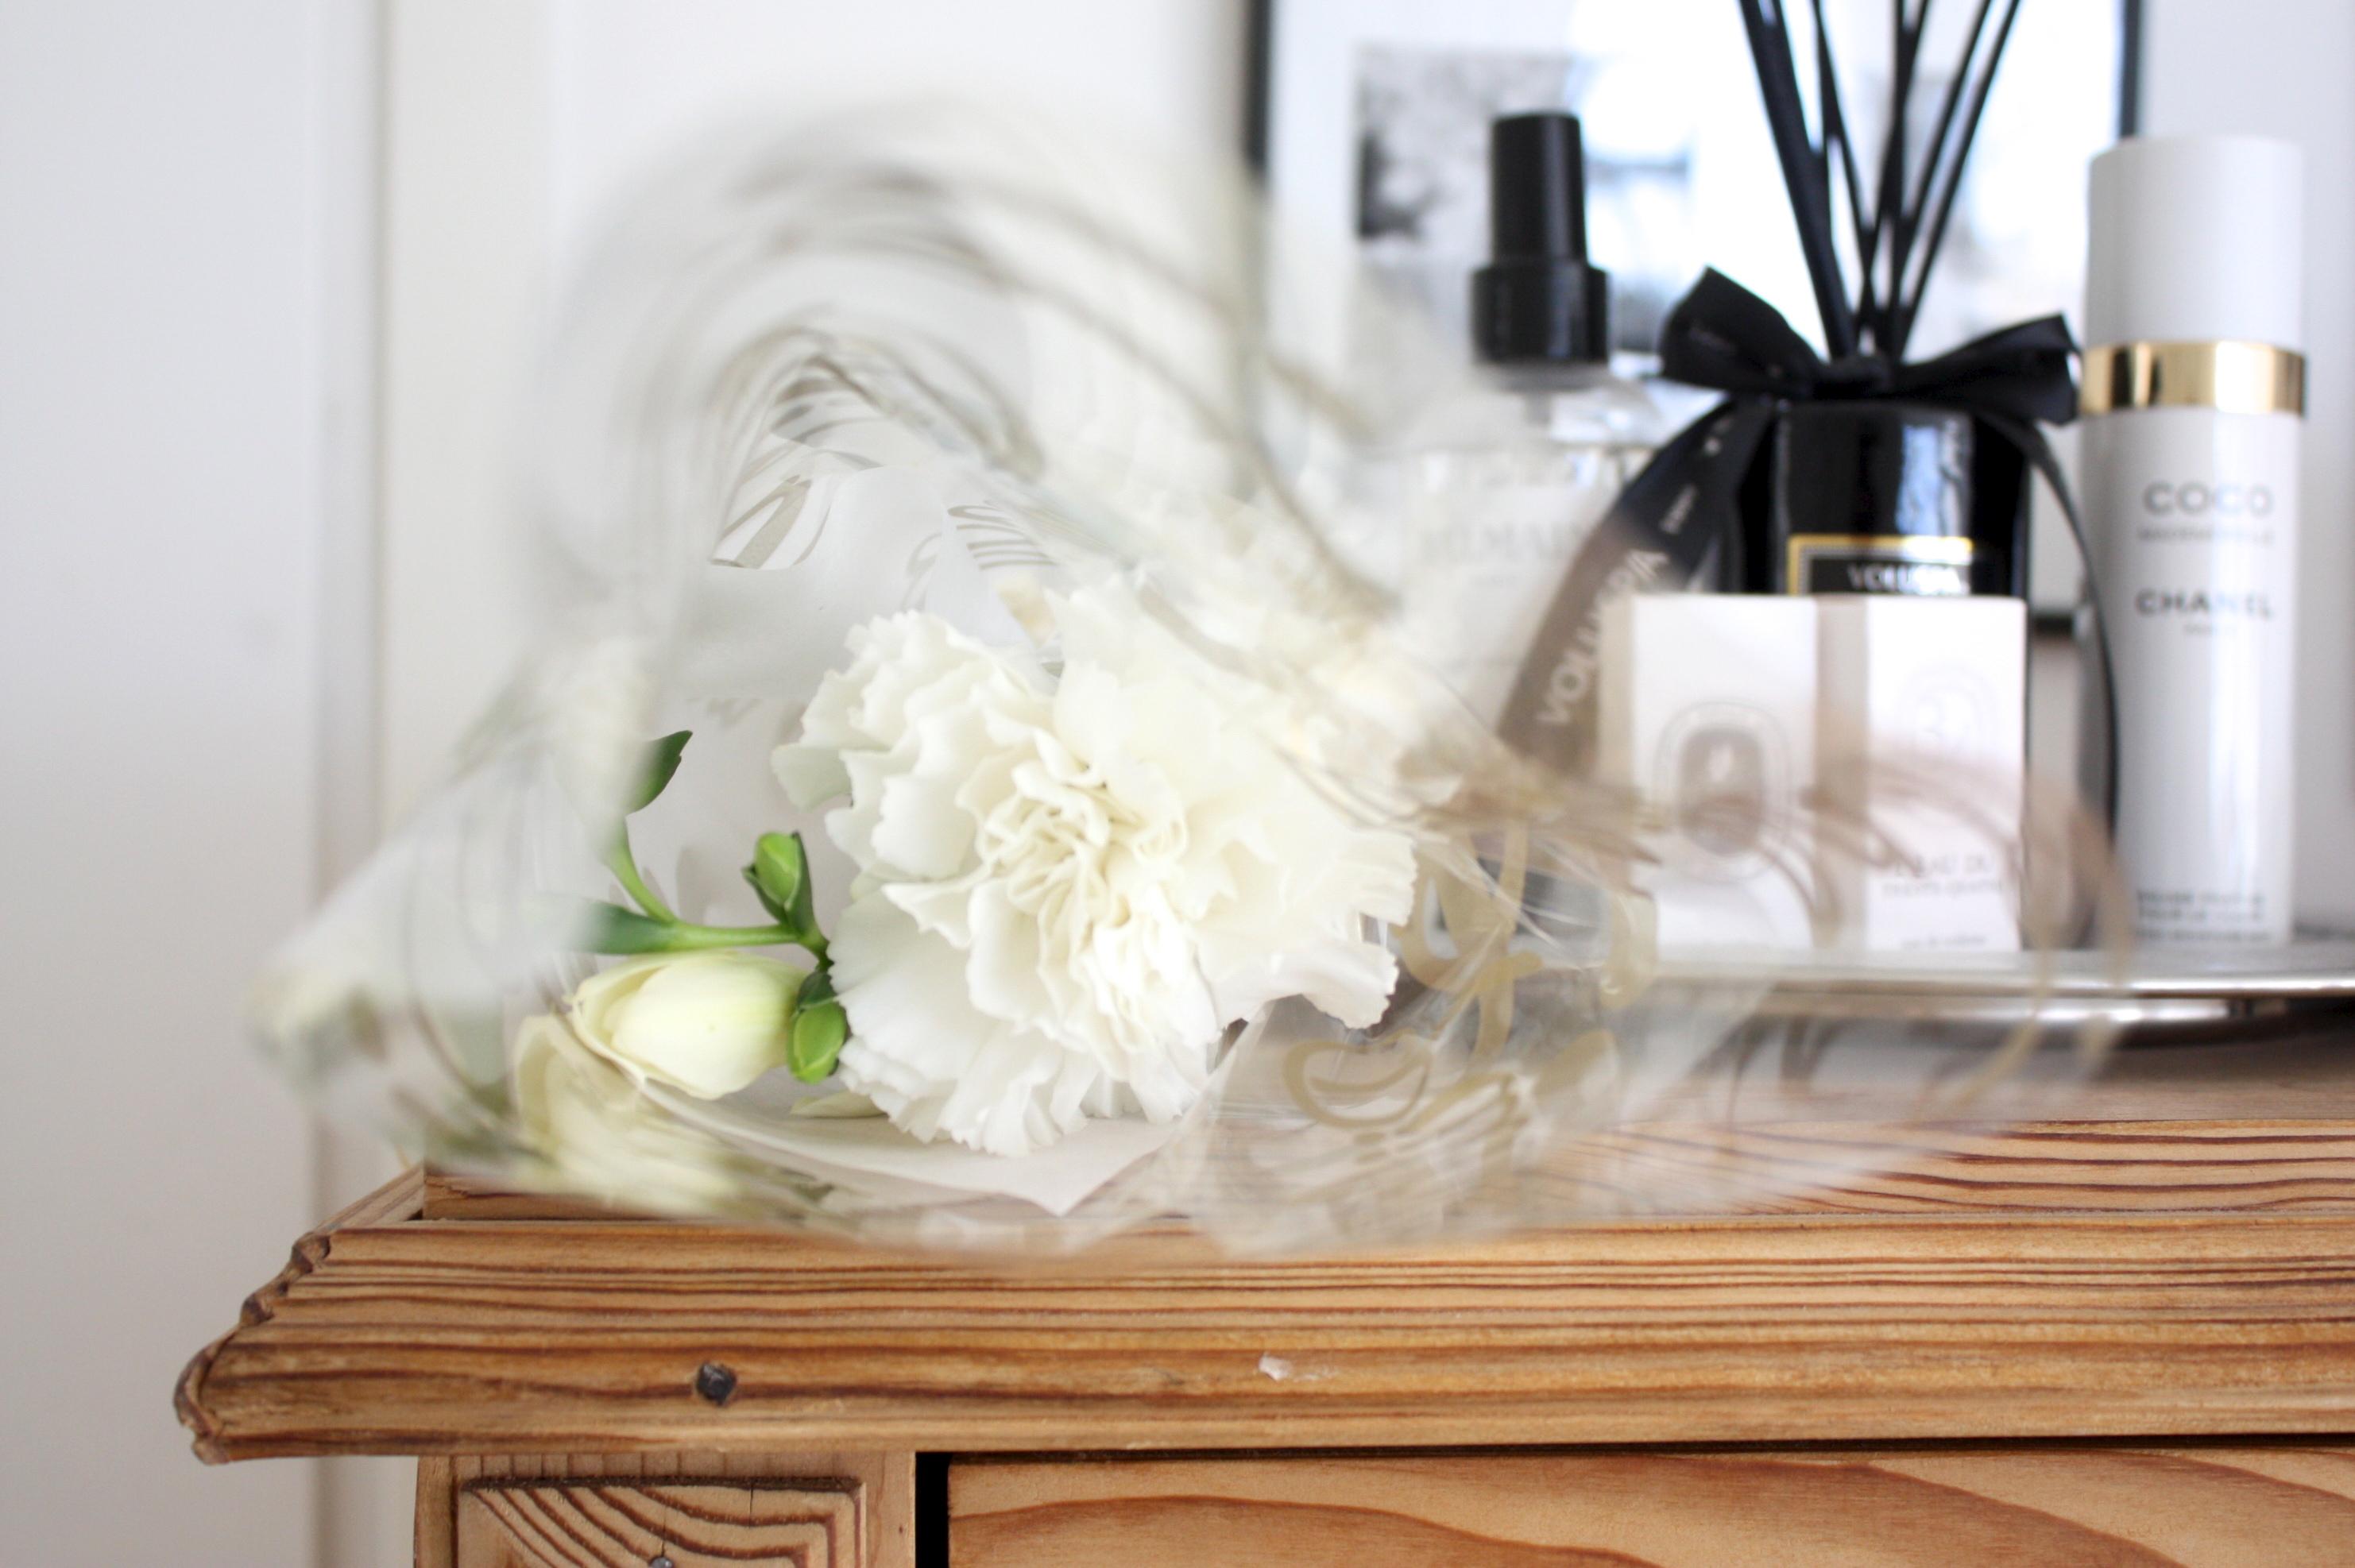 Kukkakaupan kautta kotiin